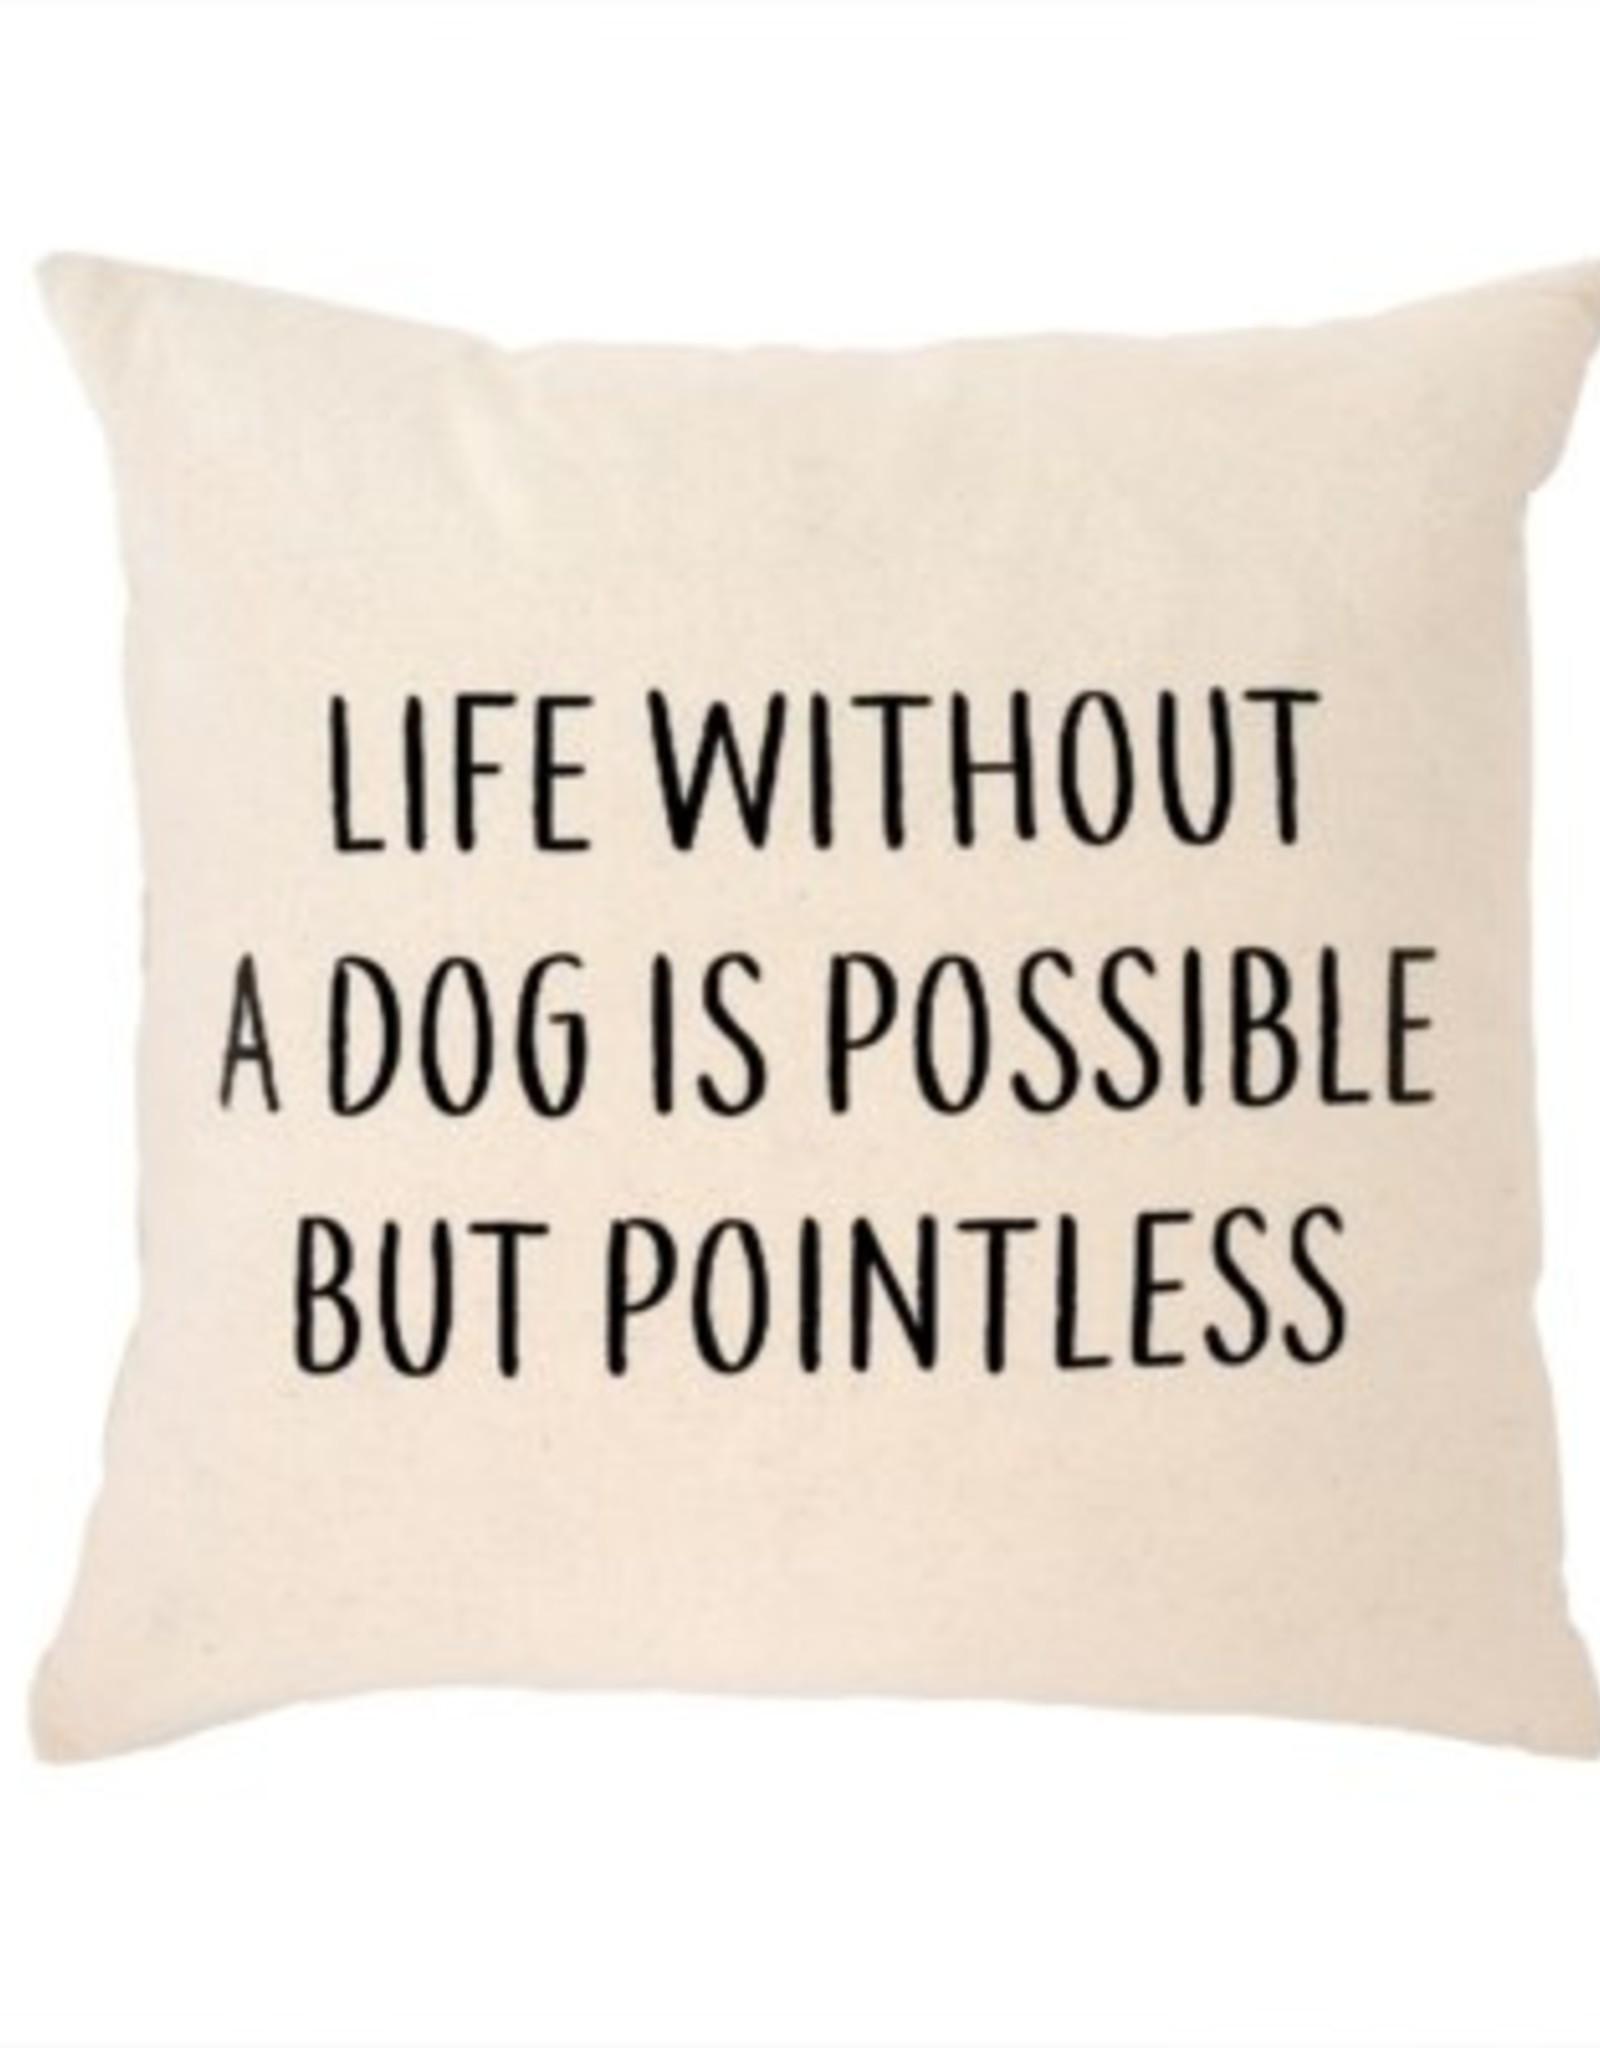 Indaba Cushions Indaba Without A Dog 20 x 20